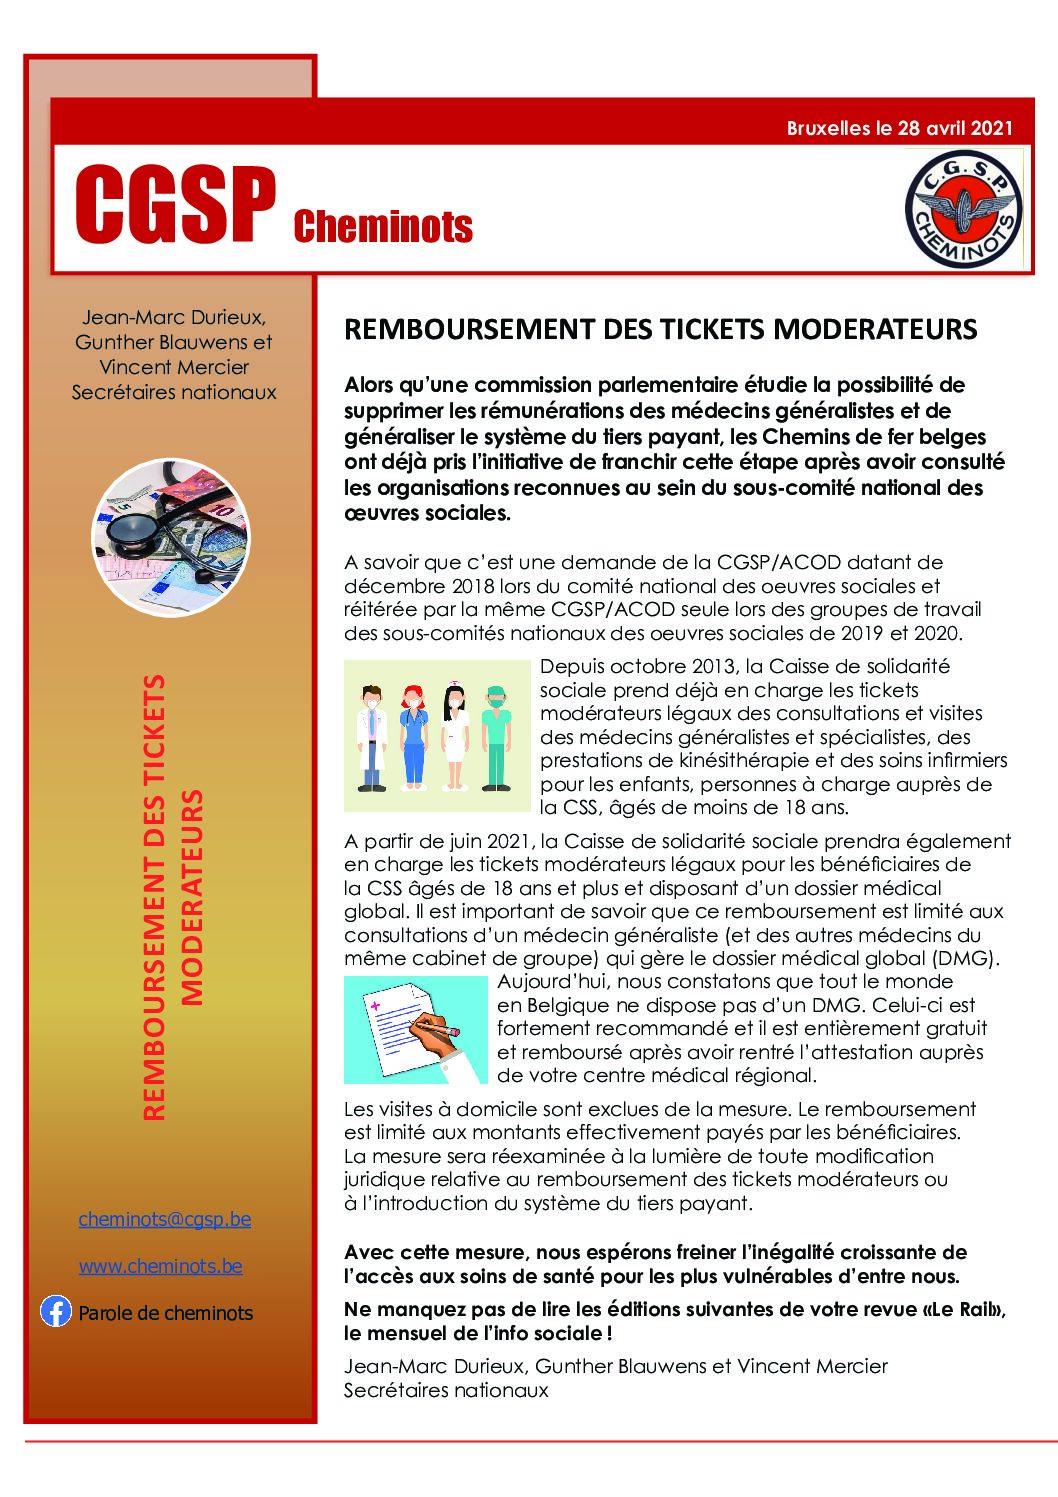 REMBOURSEMENT DES TICKETS MODERATEURS